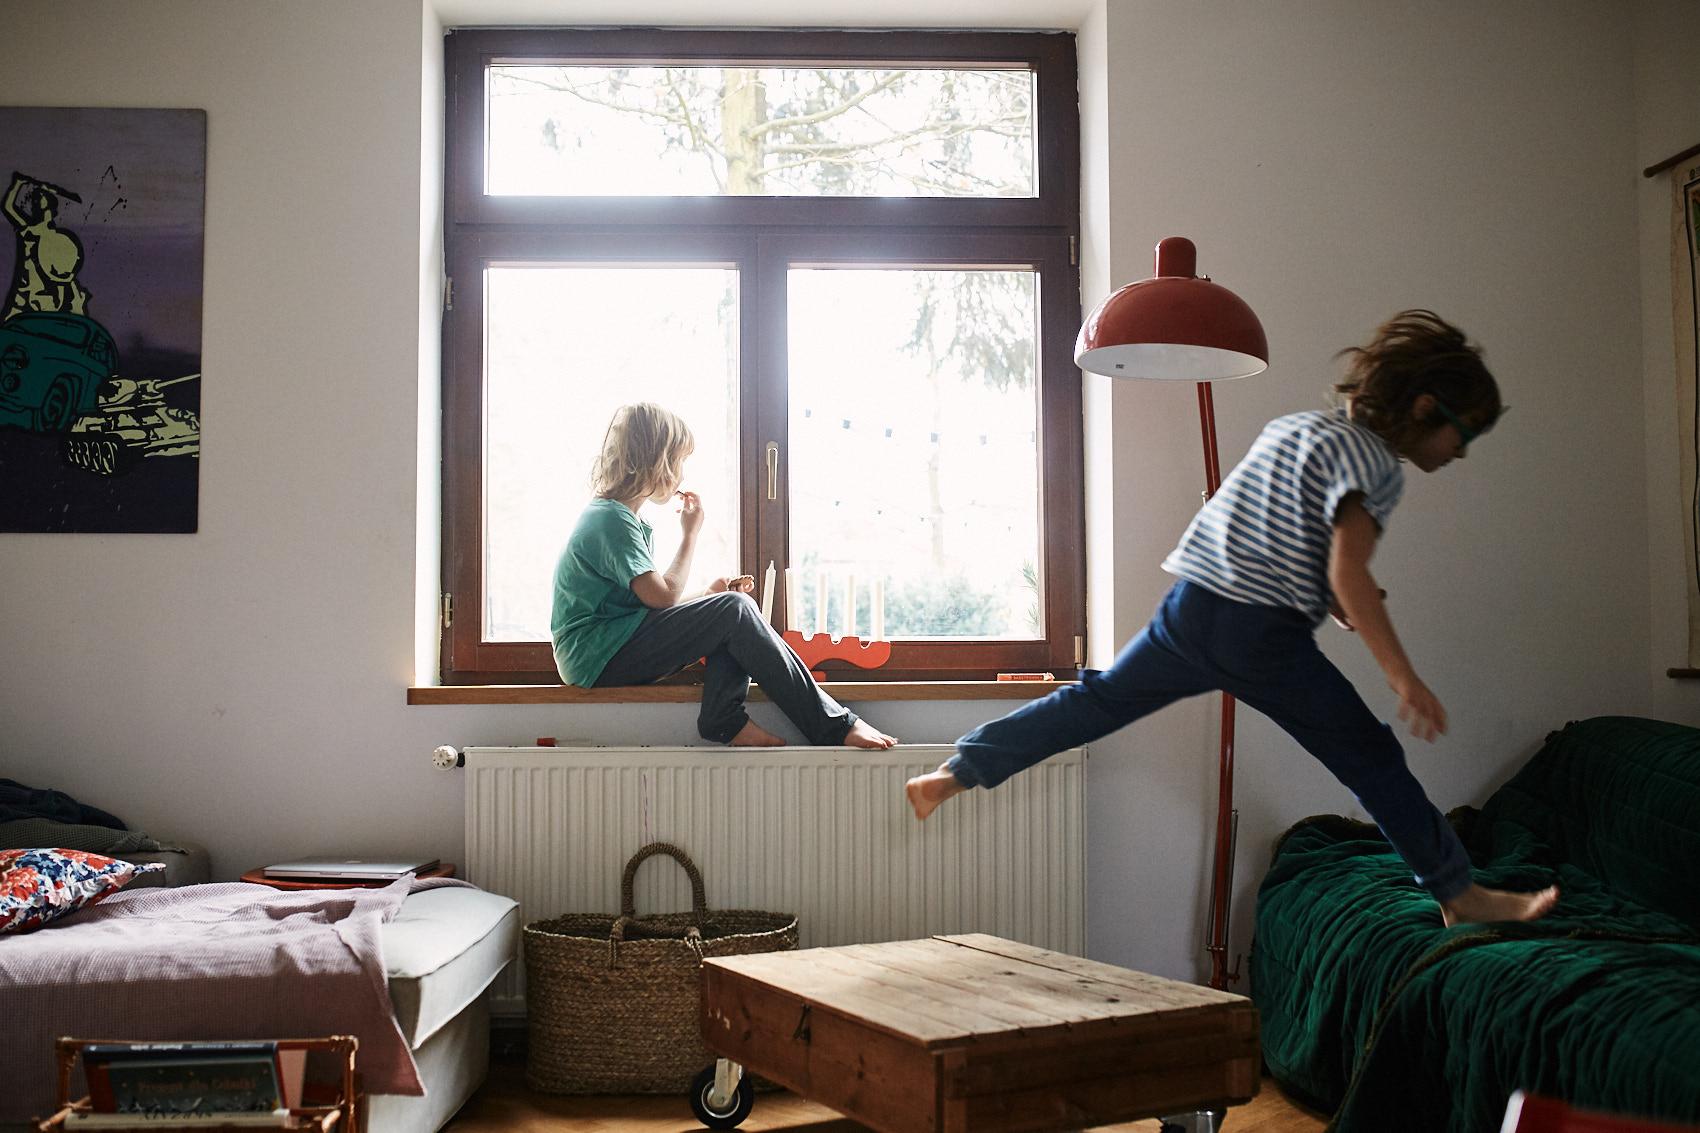 dziecinstwo bez pradu sesja w domu